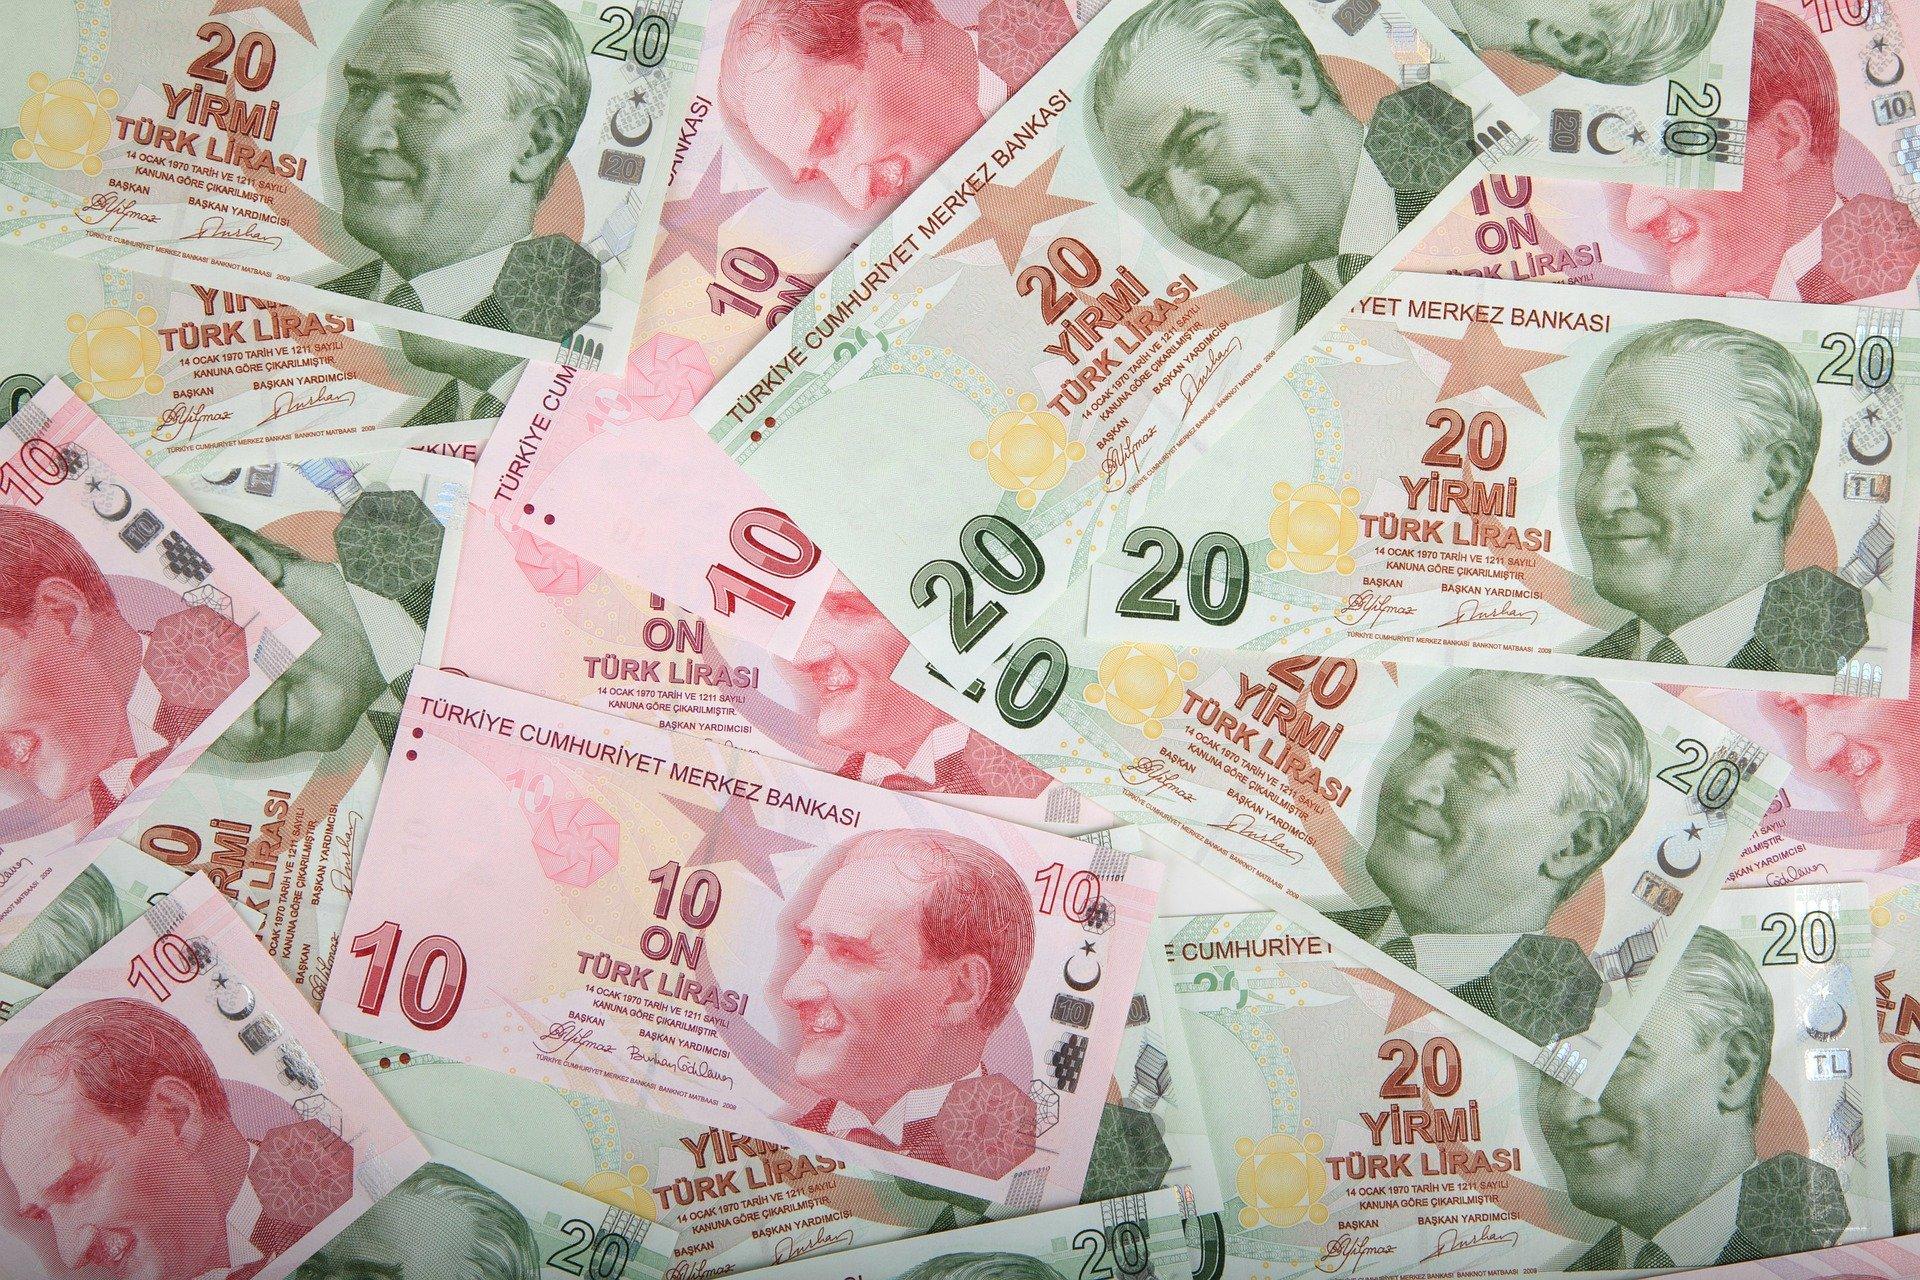 Dazi sull'acciaio: la Turchia ne impone di nuovi – Aumentate le tariffe sui prodotti piani, sul filo e sui tubi dopo l'incremento delle importazioni